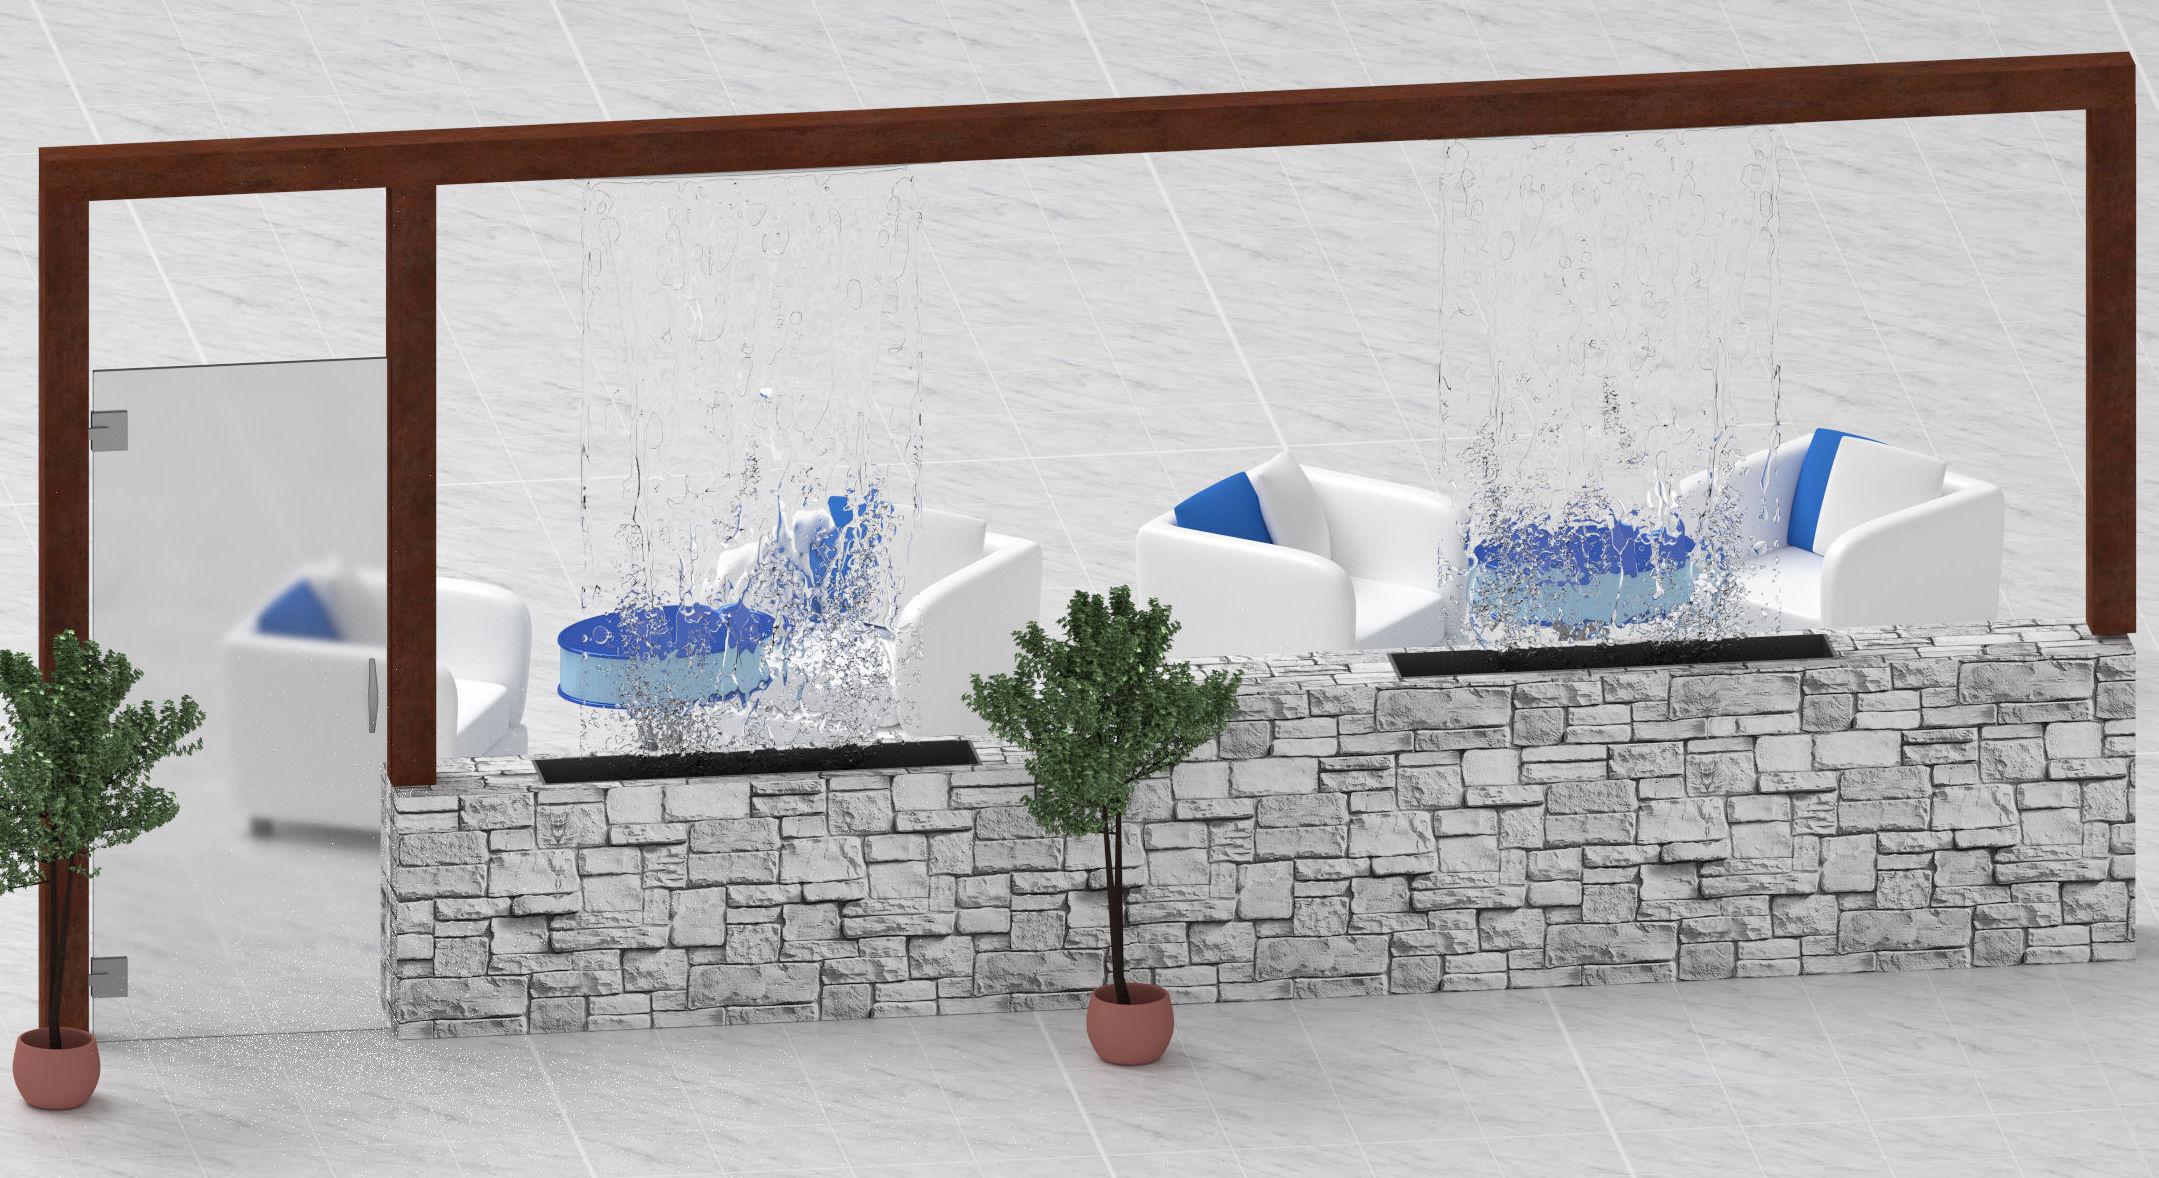 Decoración - Cortina de agua - Fuente moderna